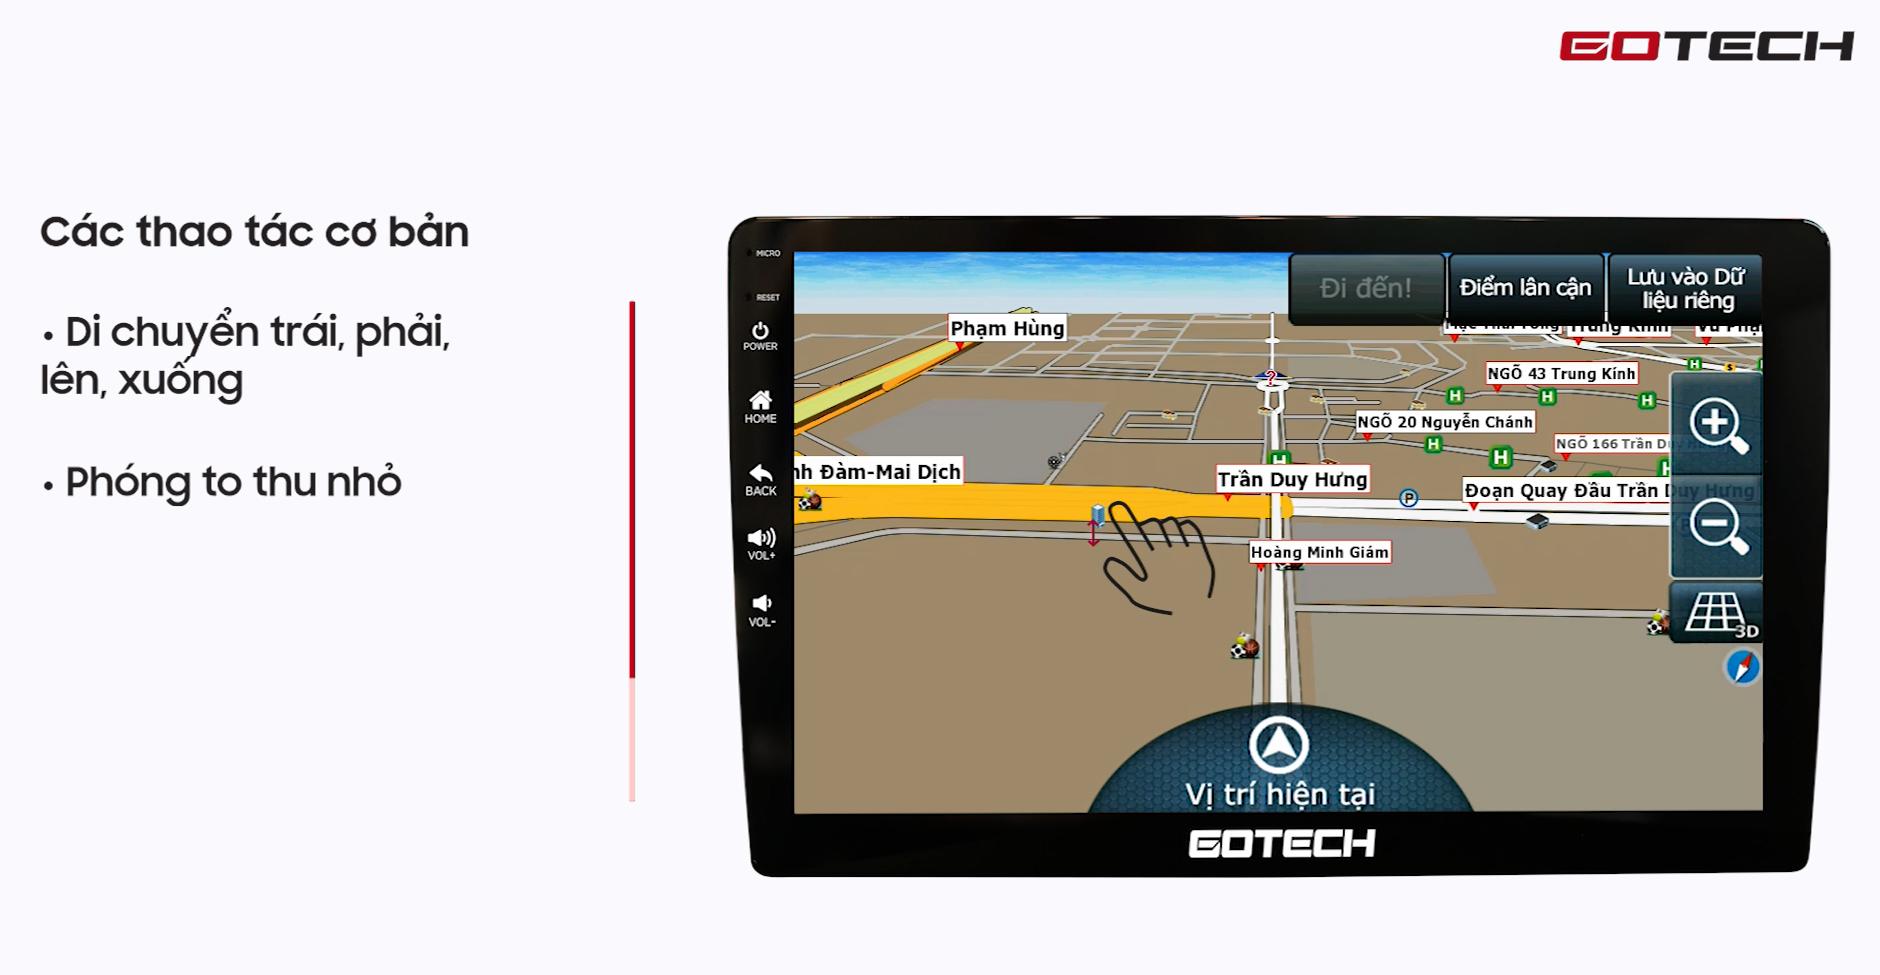 Hướng dẫn sử dụng Vietmap S1 trên màn hình Gotech